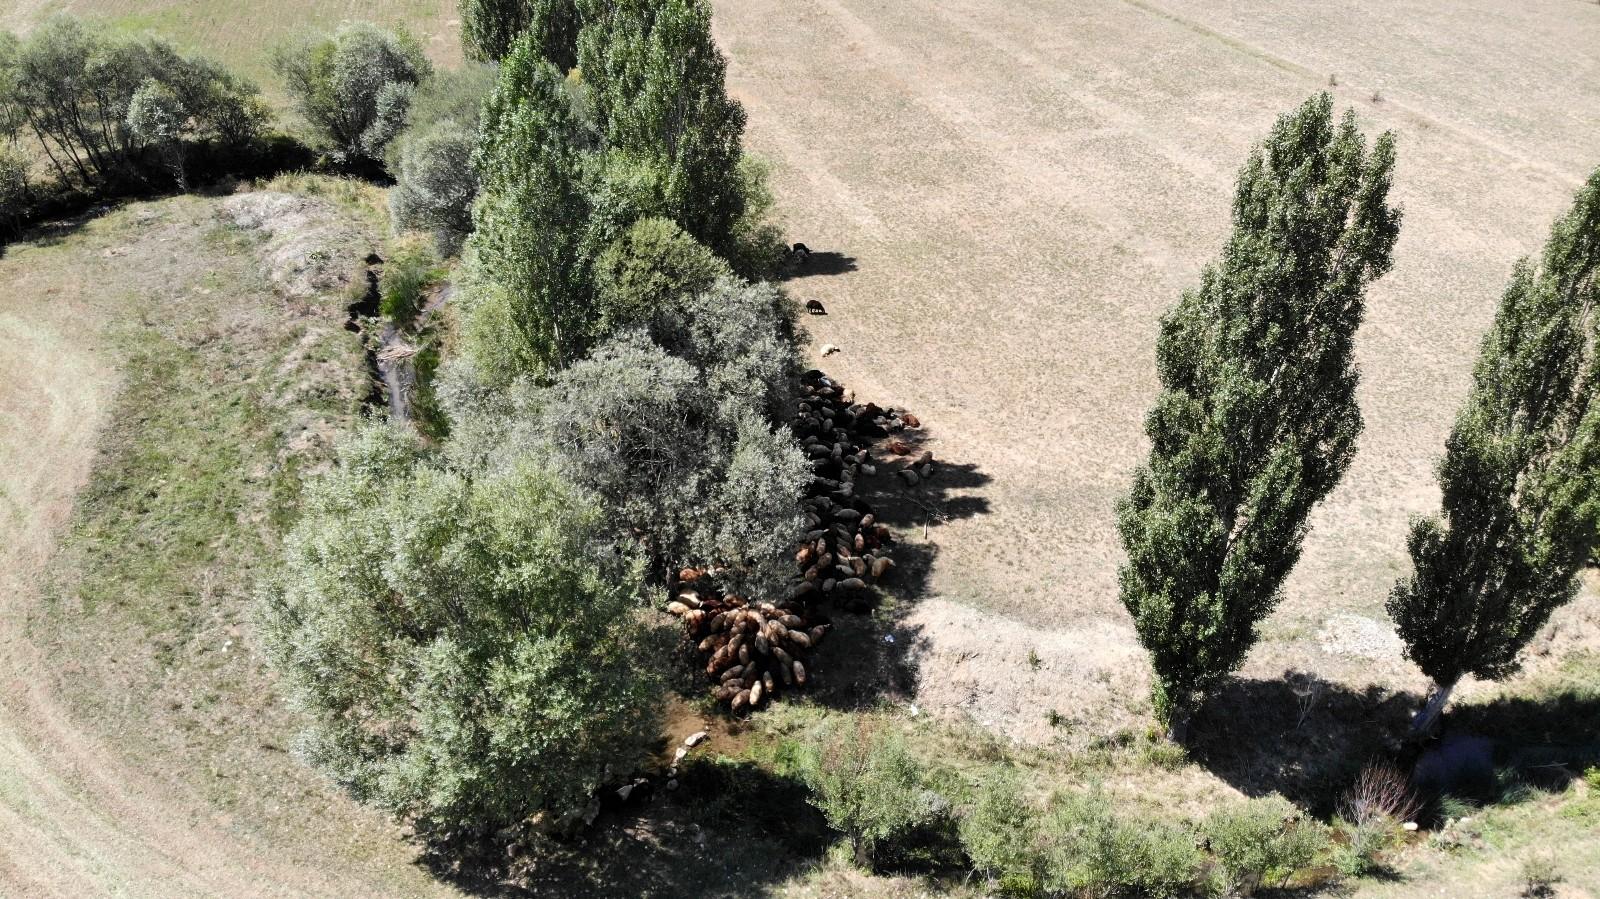 (Özel) Besiciler sıcaktan etkilenen büyükbaş hayvanlarını derede, küçükbaş hayvanlarını da ağaç diplerinde serinletiyor